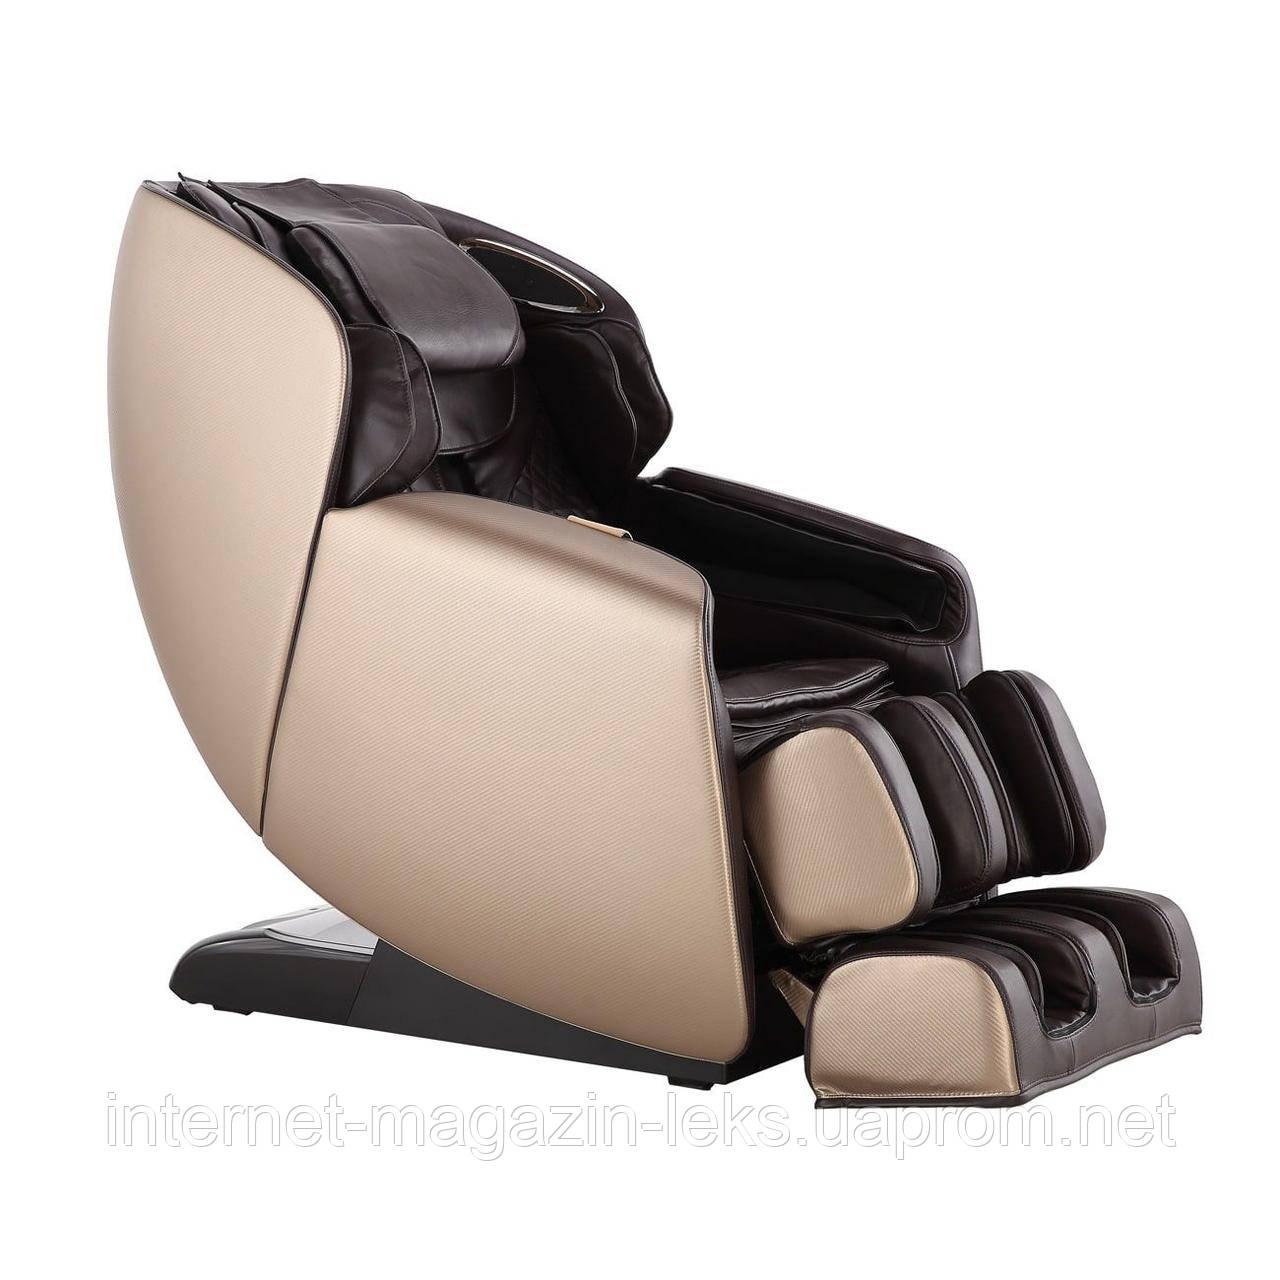 Массажное кресло Kurato III коричневый